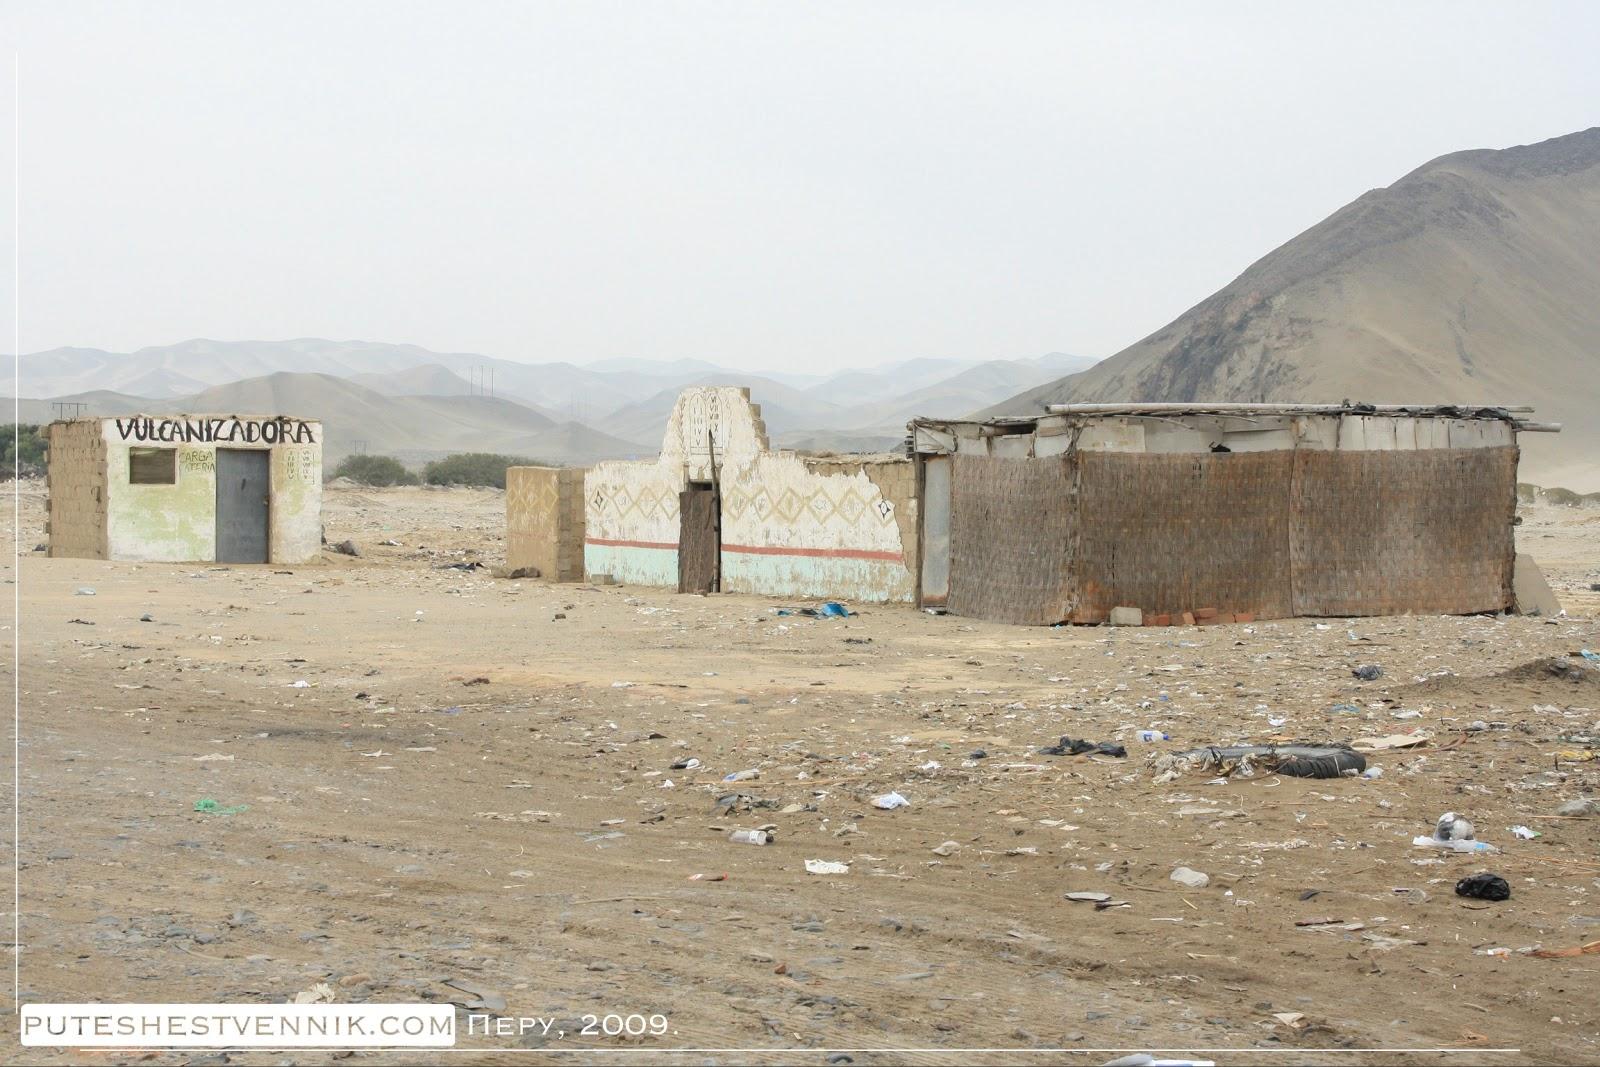 Развалины у дороги в пустыне